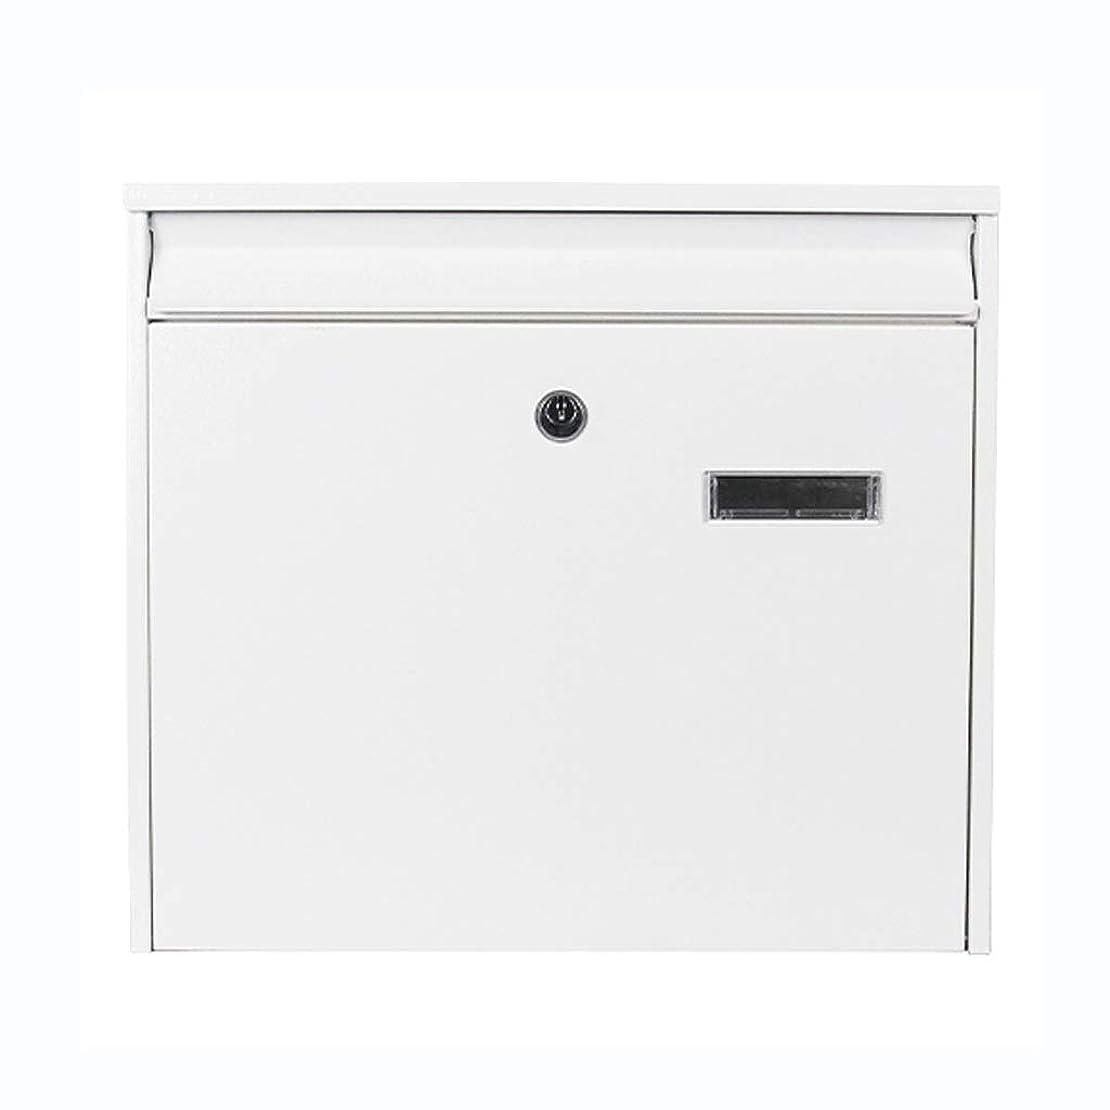 女の子アイザックビルマメールボックス屋外ヴィラメールボックス防雨メールボックスクリエイティブ壁掛けレターボックス屋外壁掛けメールボックス (色 : A)